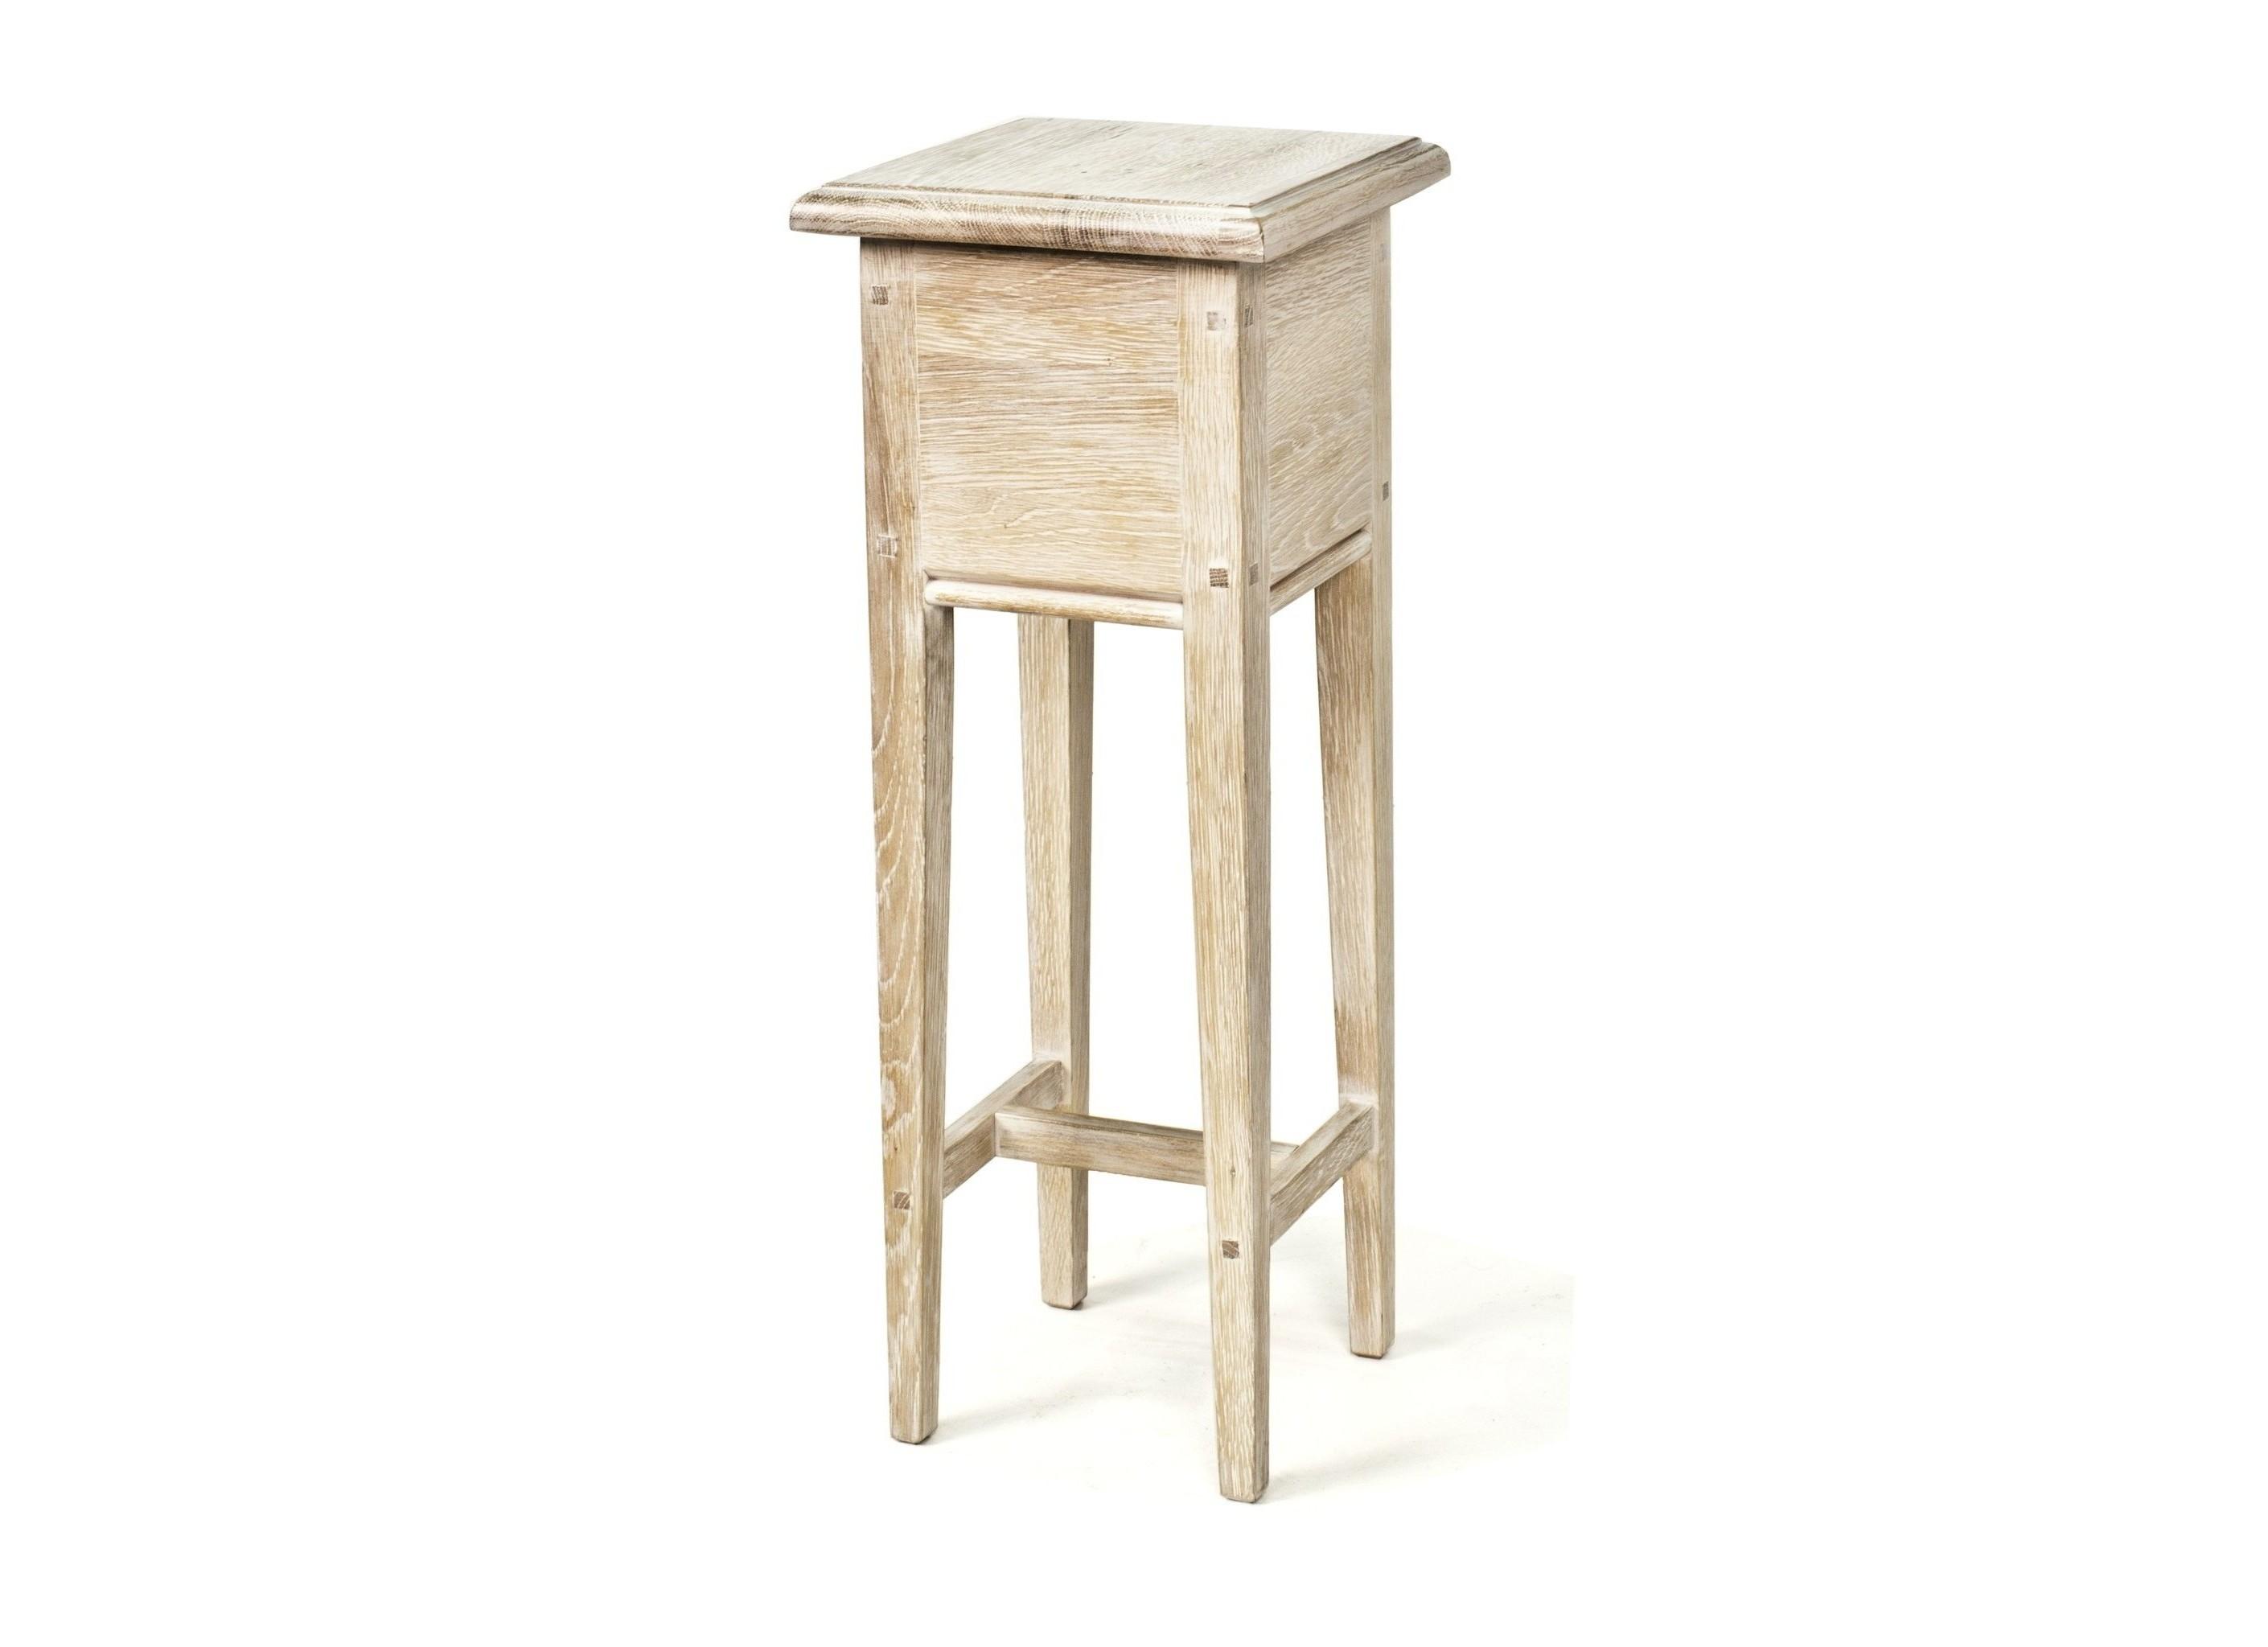 Кофейный столикКофейные столики<br>Совсем миниатюрная вещь, но иногда именно такая мебель просто необходима как последний штрих, легкий акцент в интерьере… И да – на нем можно сервировать кофе.&amp;lt;div&amp;gt;&amp;lt;br&amp;gt;&amp;lt;/div&amp;gt;&amp;lt;div&amp;gt;Материал: выбеленный массив дуба&amp;lt;/div&amp;gt;<br><br>Material: Дуб<br>Length см: 20.0<br>Width см: 20.0<br>Depth см: None<br>Height см: 53.0<br>Diameter см: None